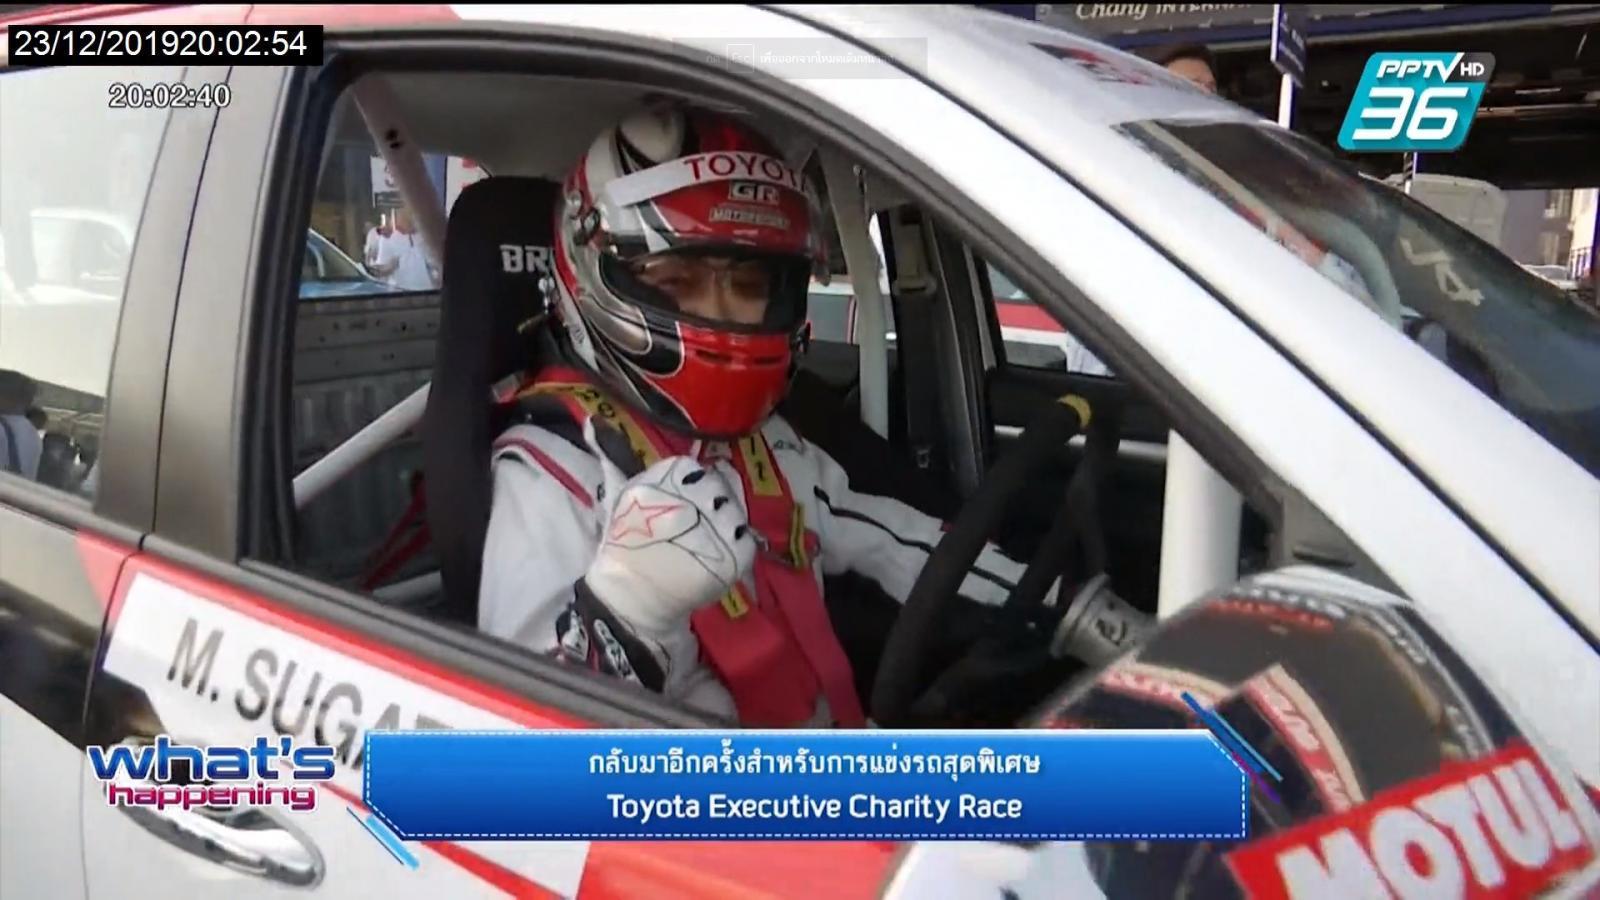 """โตโยต้า ปิดฉากรายการแข่งขันพิเศษ """"Toyota Executive Charity Race 2019"""""""